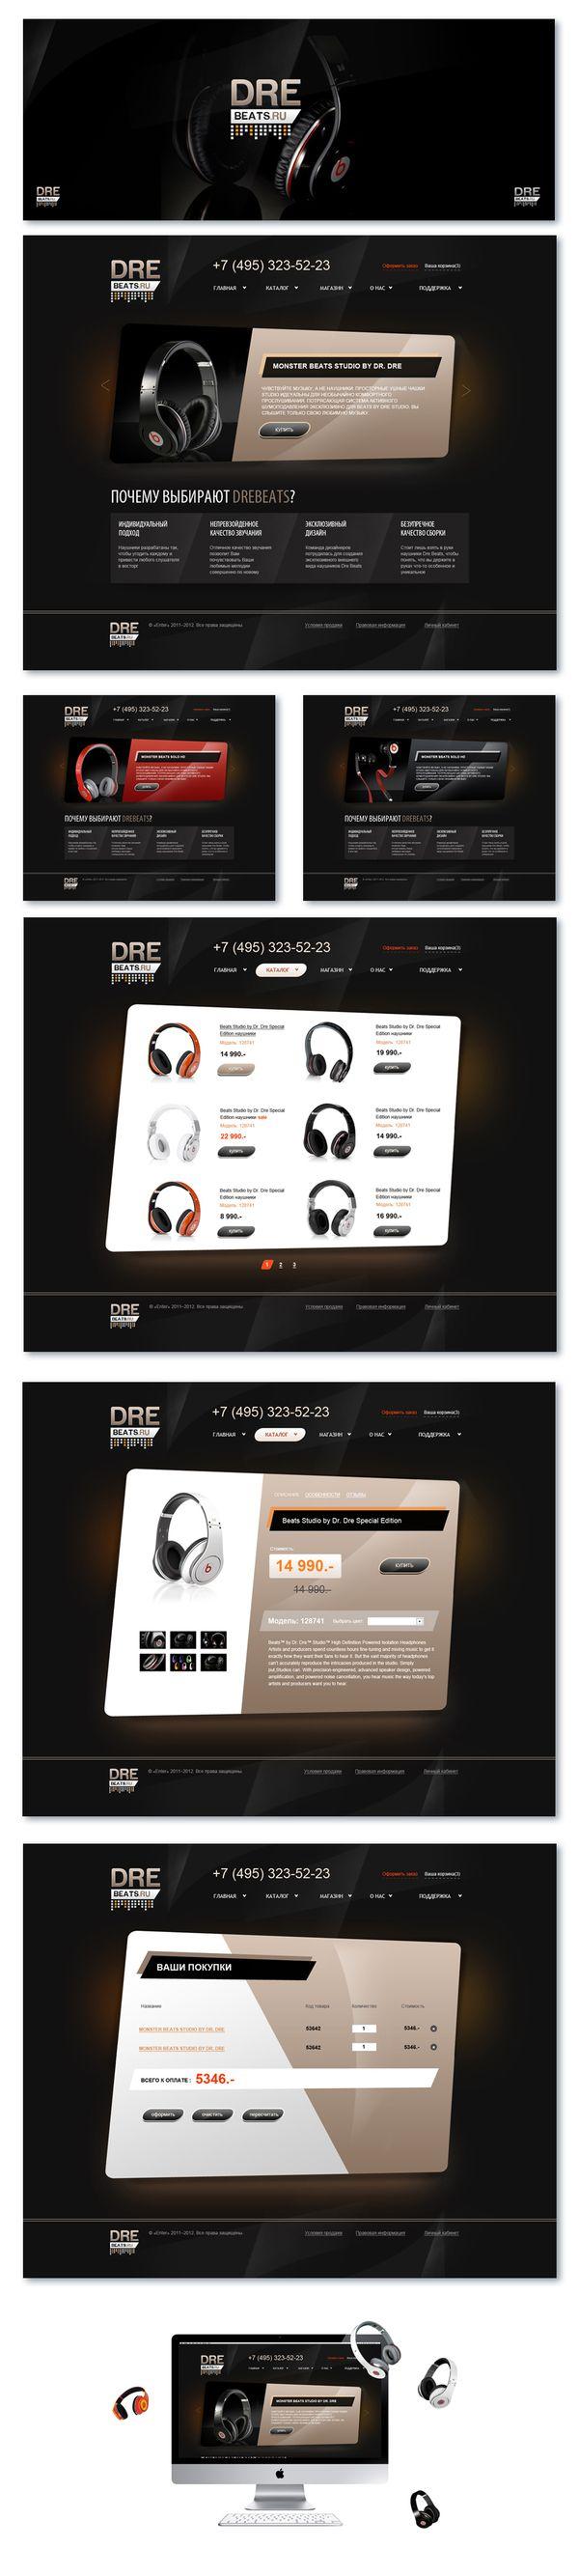 DreatBeats / drebeats.ru / Ann Tereschenko / #dark #headphones #beat #music